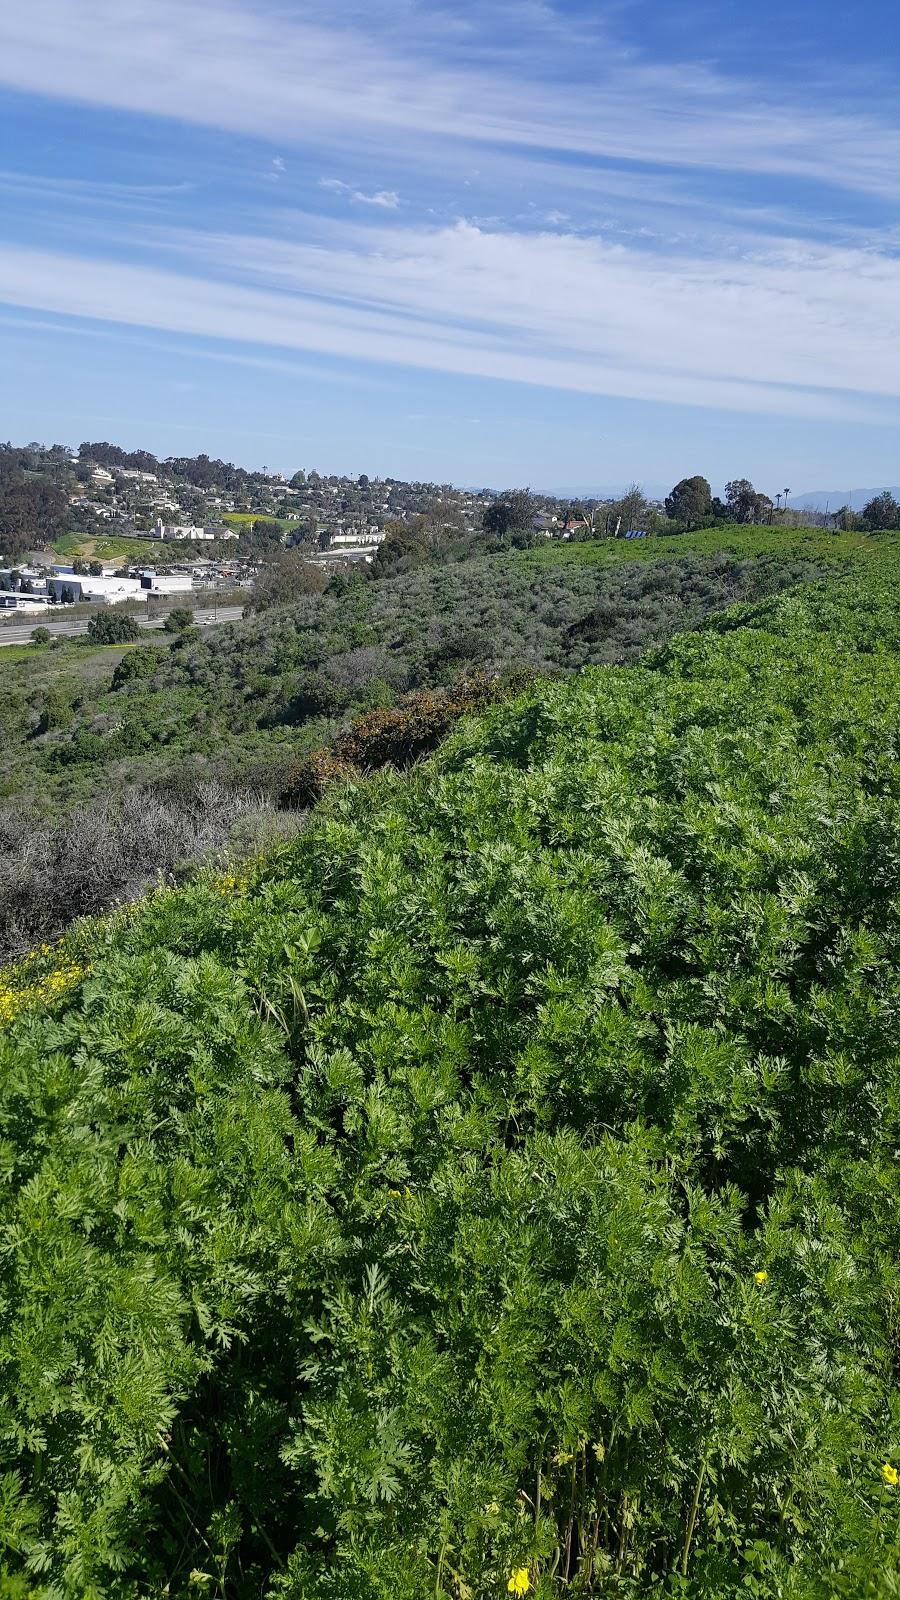 Joseph Carrasco Park - park  | Photo 7 of 8 | Address: 2506 Skylark Dr, Oceanside, CA 92054, USA | Phone: (760) 435-5041